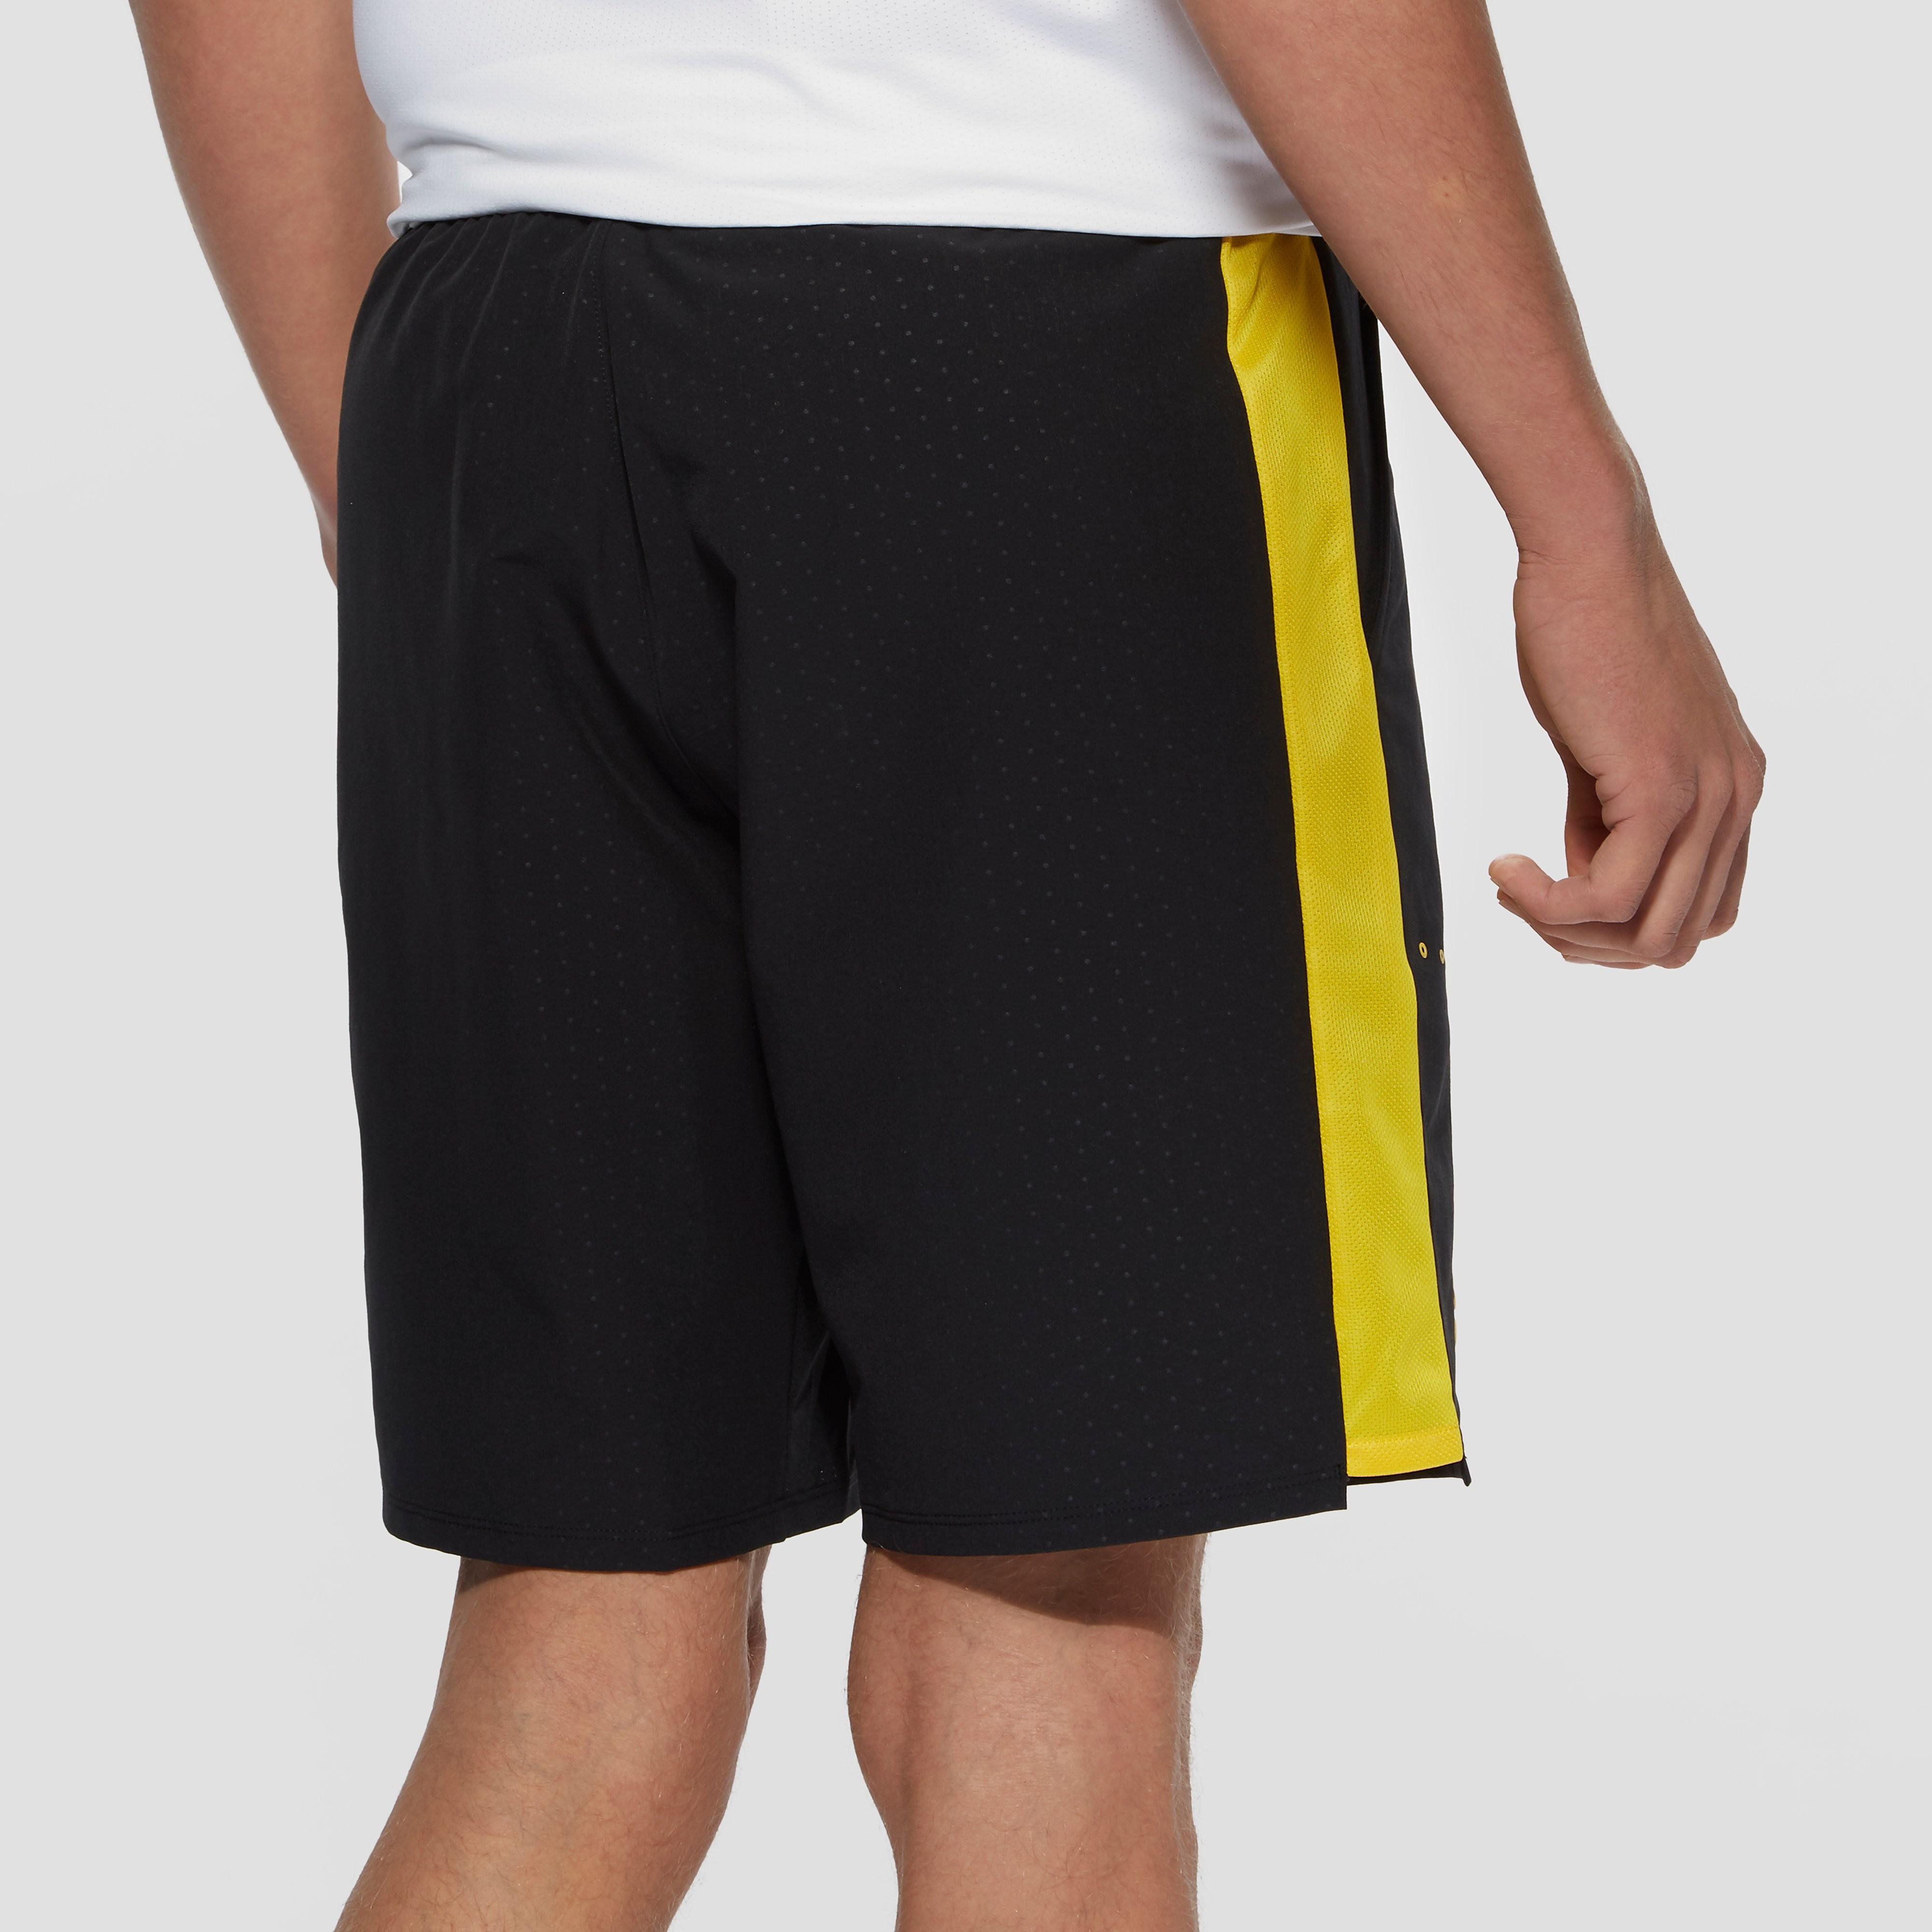 adidas Barricade Woven Men's Tennis Shorts